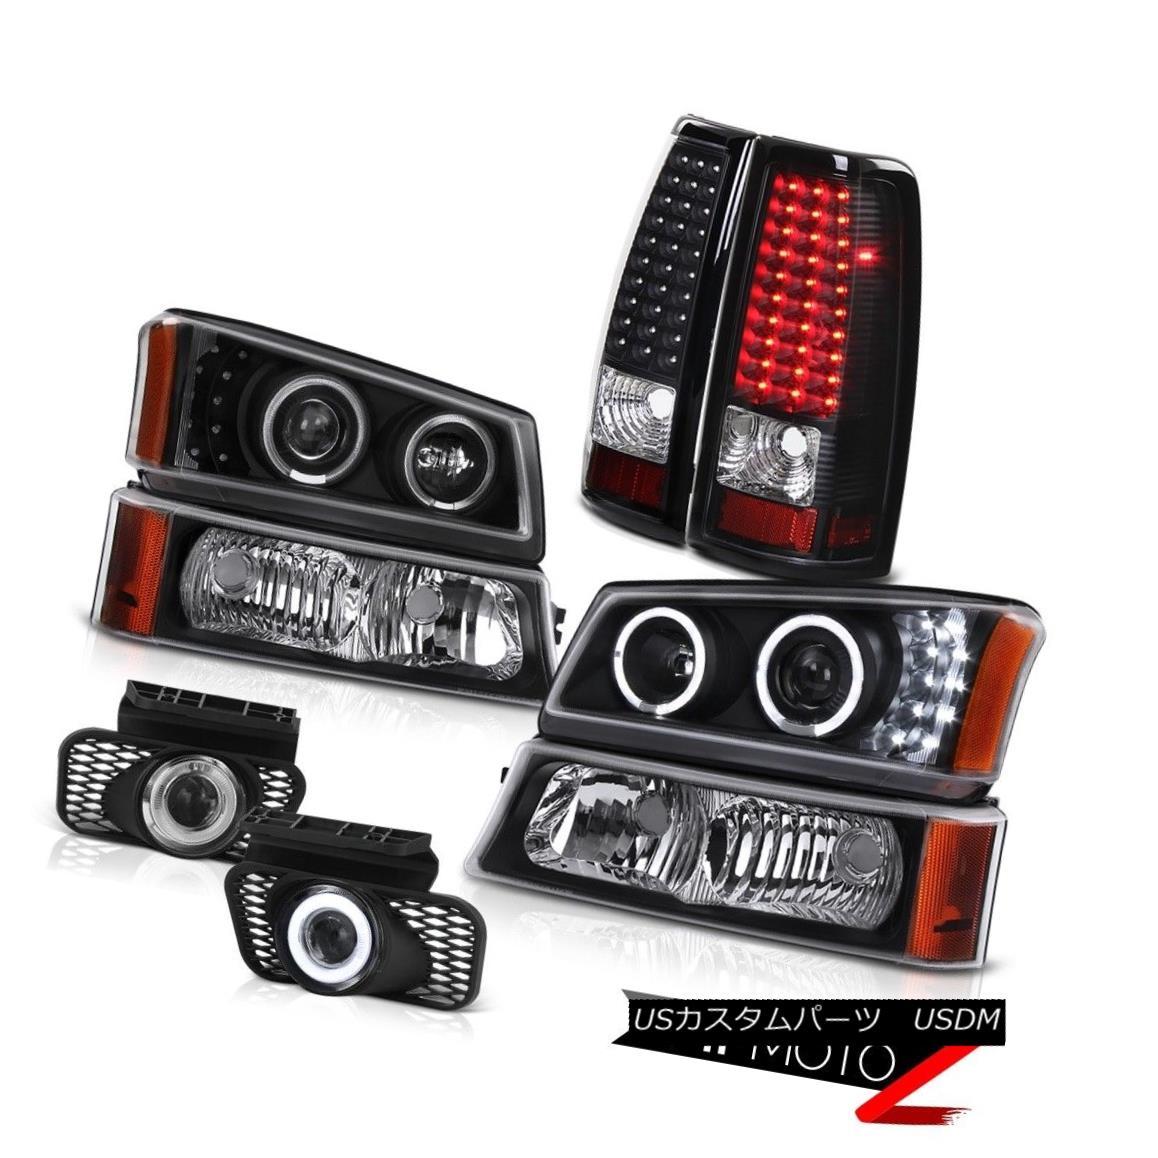 テールライト Dual Halo Headlight Black LED Taillights DRL Foglight 2003-2006 Silverado 2500HD デュアルヘイローヘッドライトブラックLEDテールライトDRLフォグライト2003-2006シルバラード2500HD